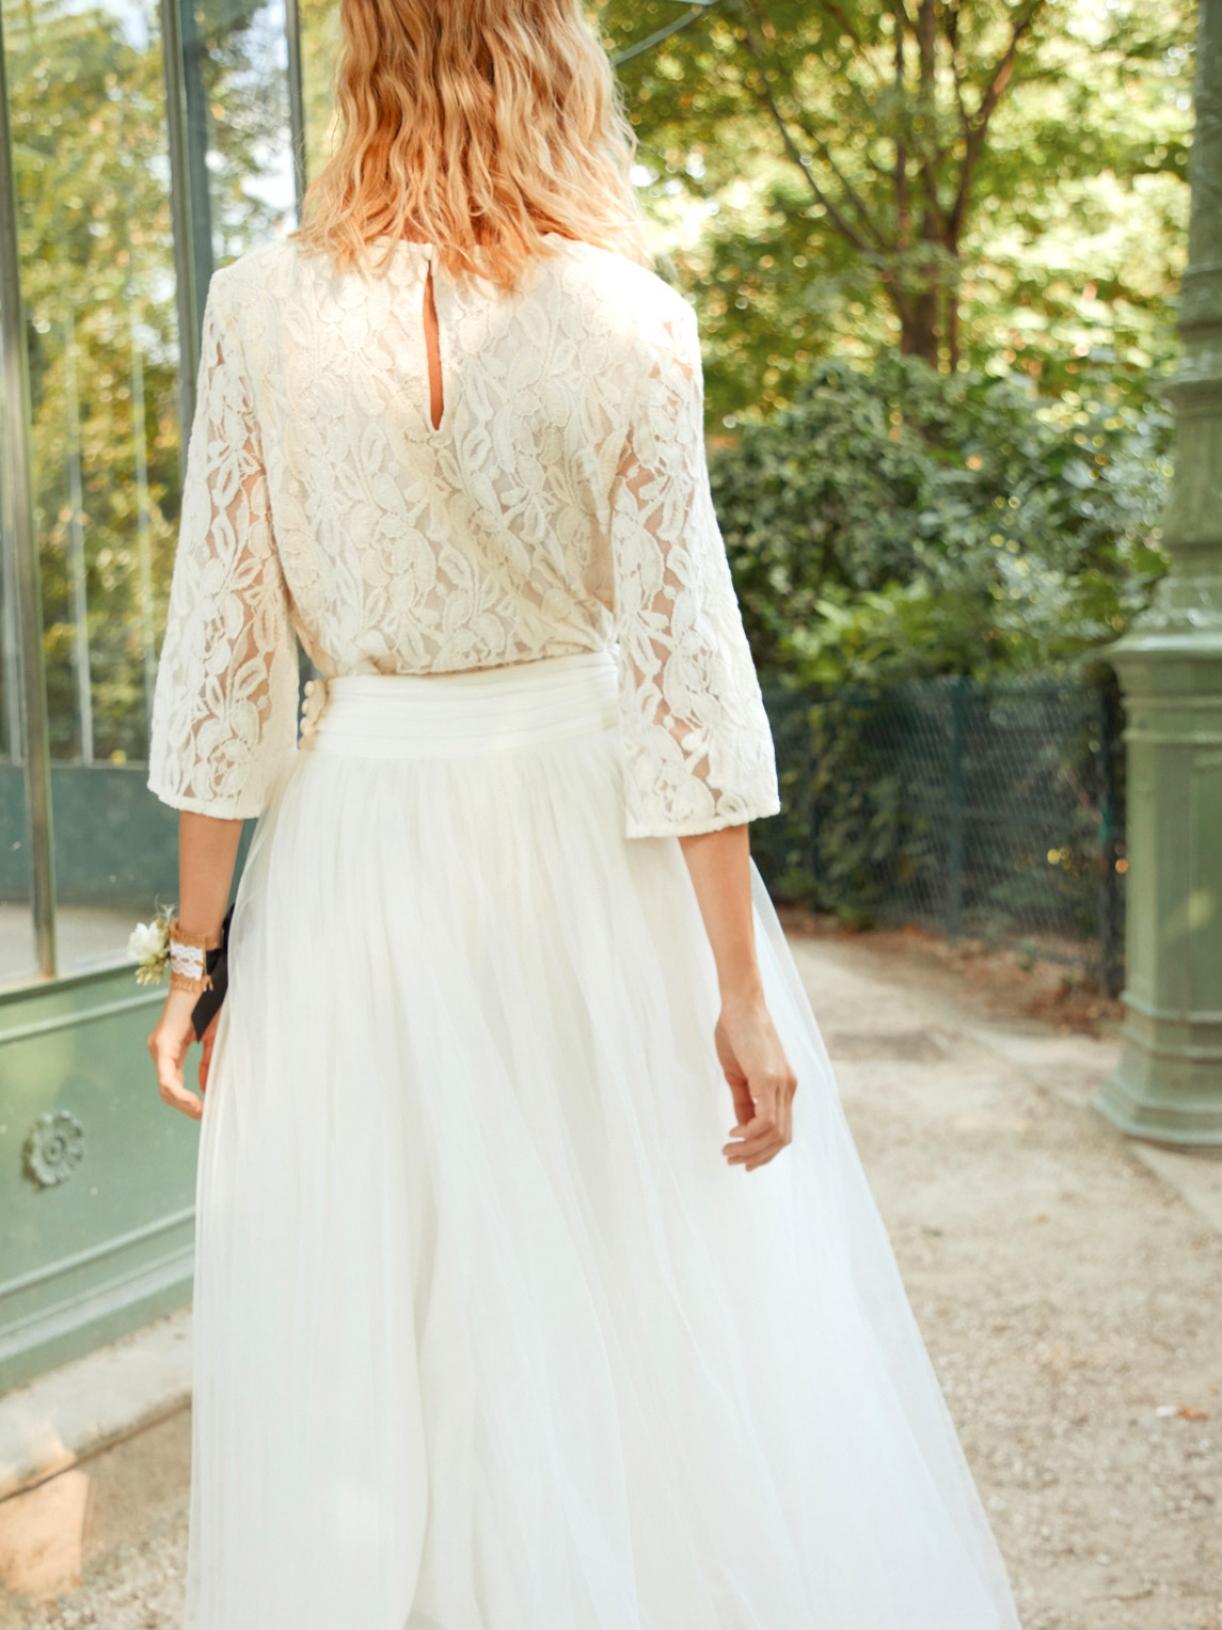 ROSE - Robe de mariée longue jupon de ballerine en tulle créateur et sur-mesure pas cher a Paris - Myphilosophy